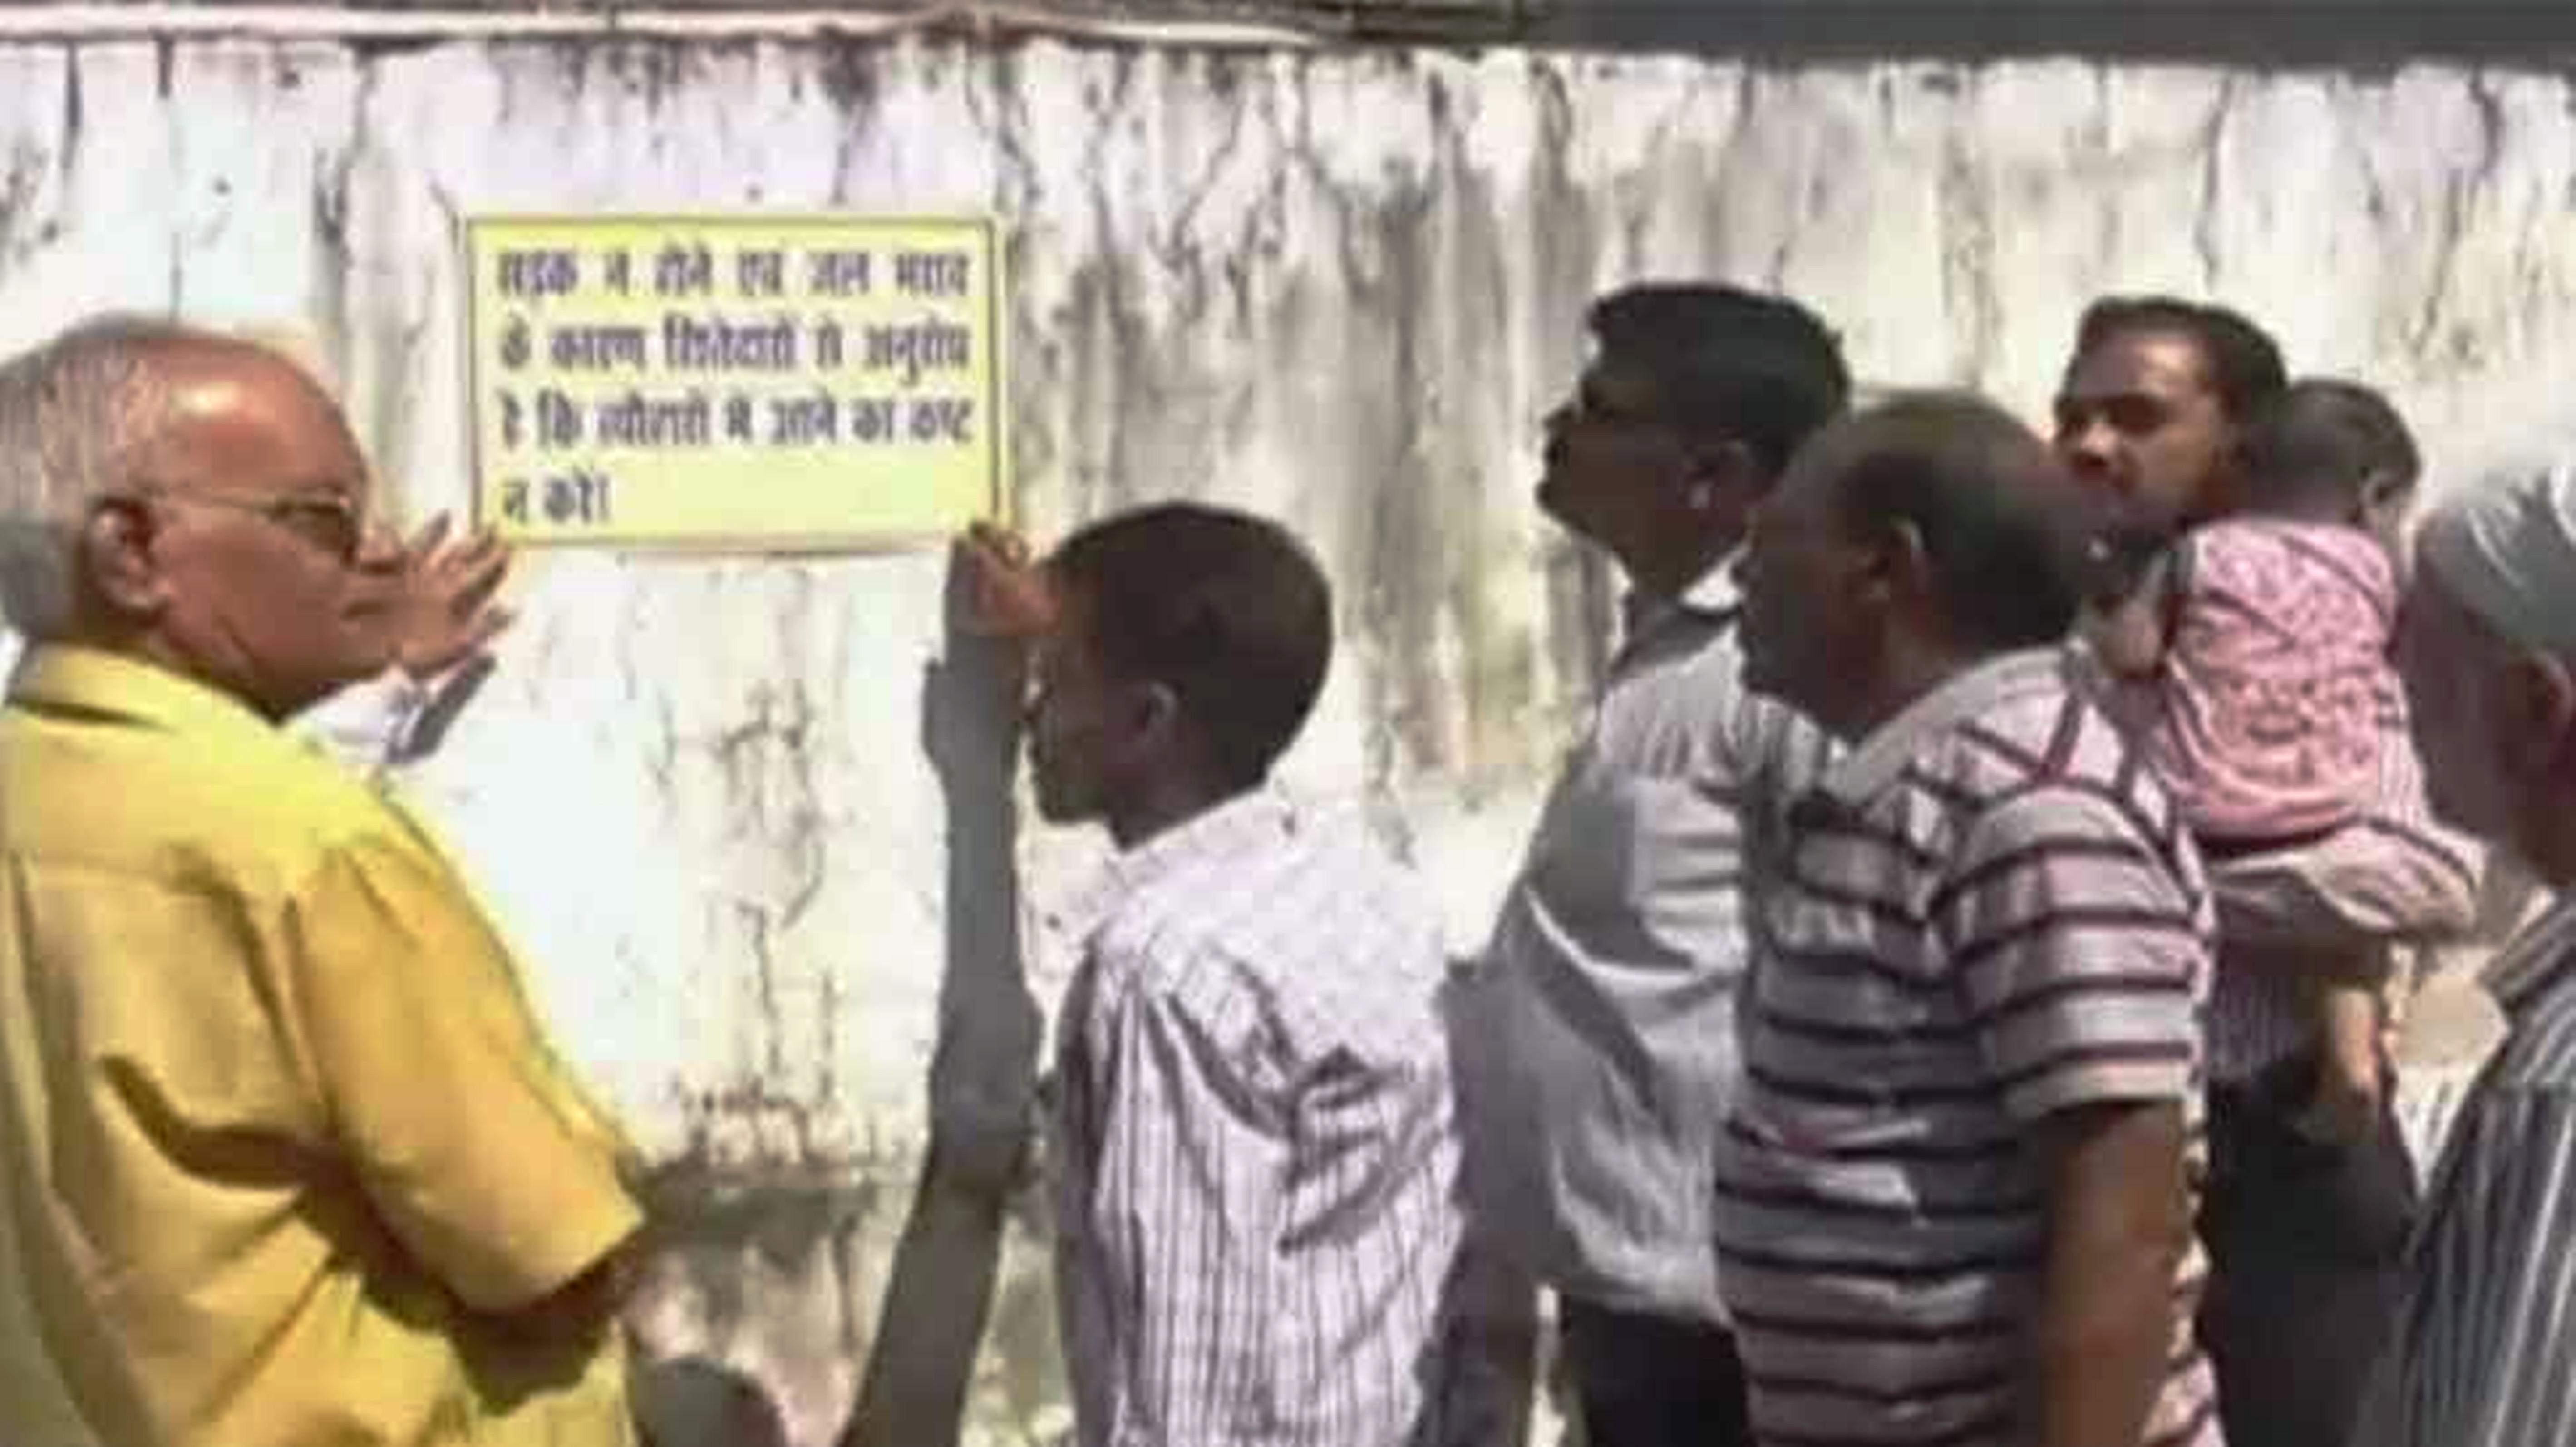 मोहल्लेवालों ने चस्पा किए पोस्टर,अतिथिगण मत आना हमारे घर